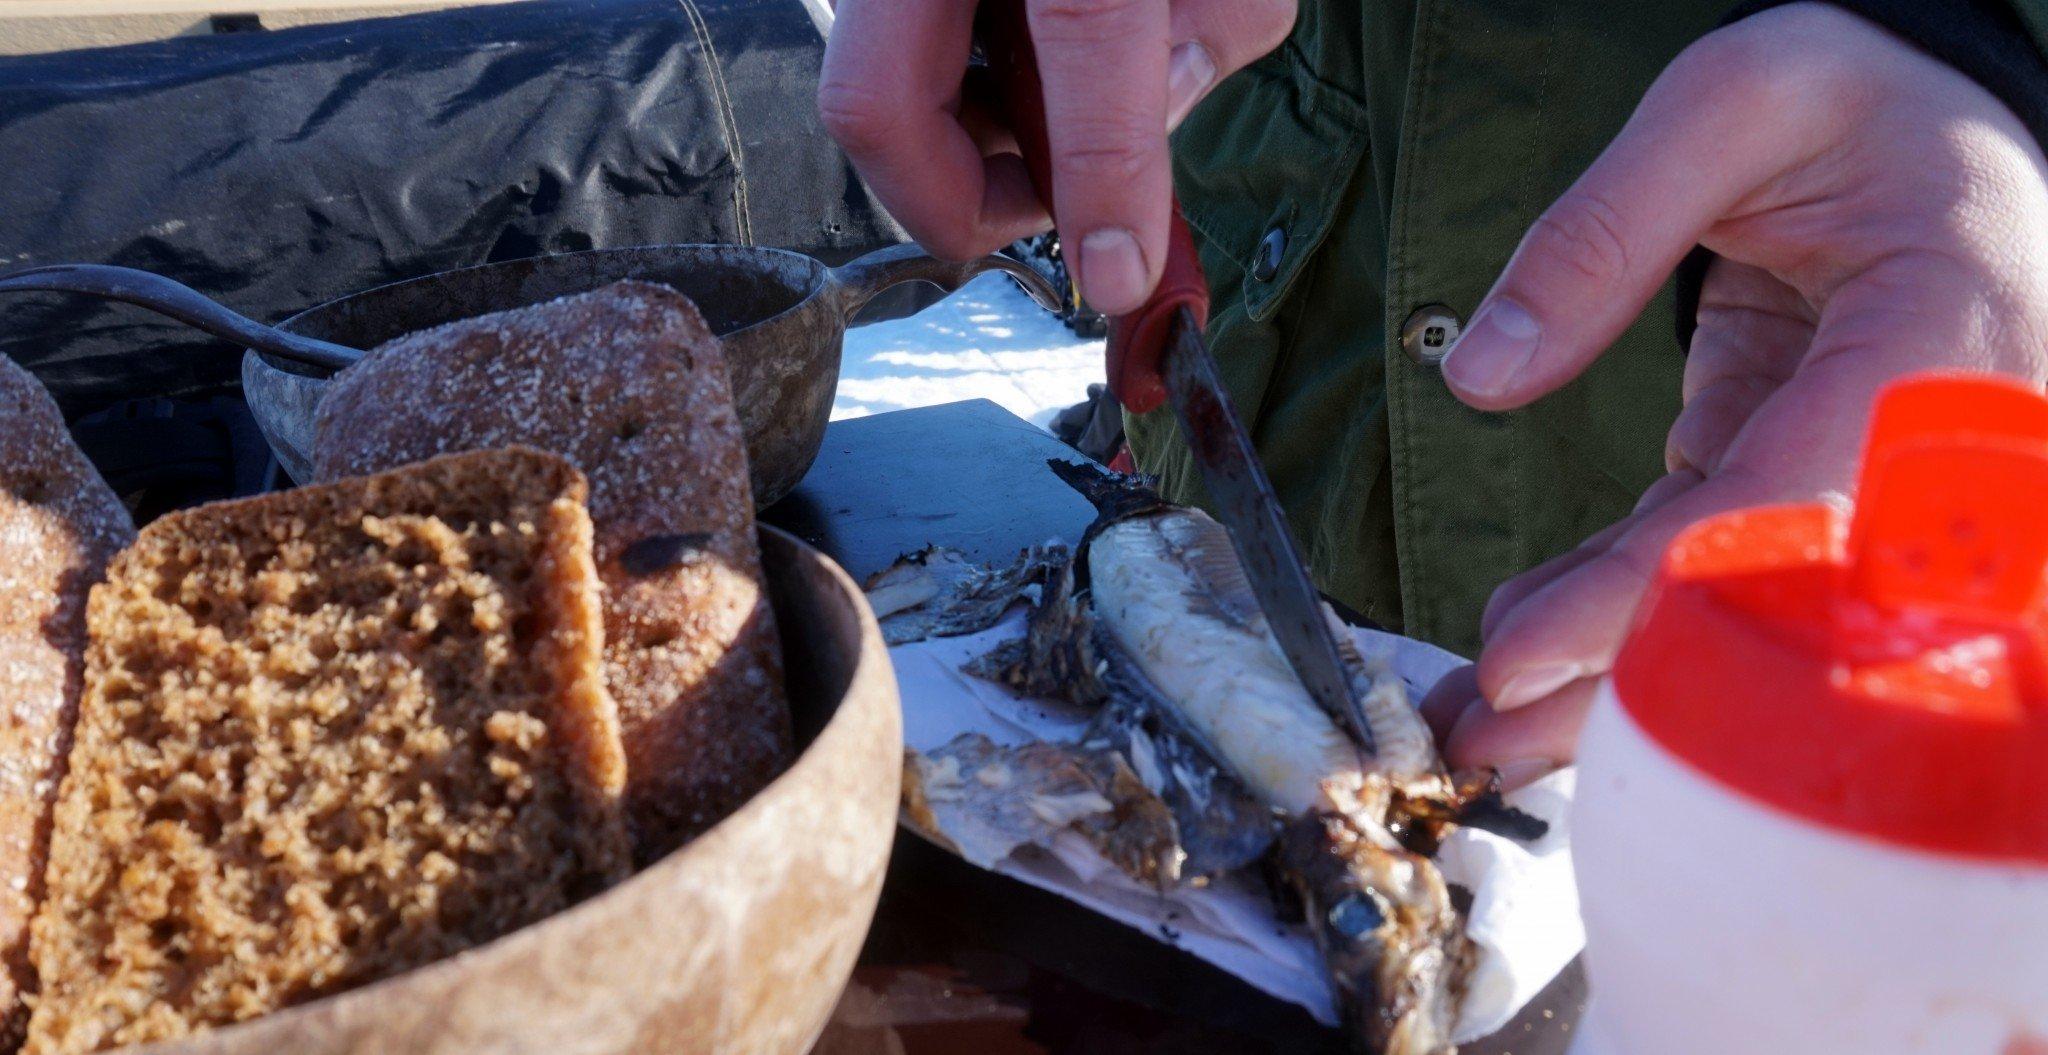 Itse ylös nostettua kalaa ja ruisleipää nam <3